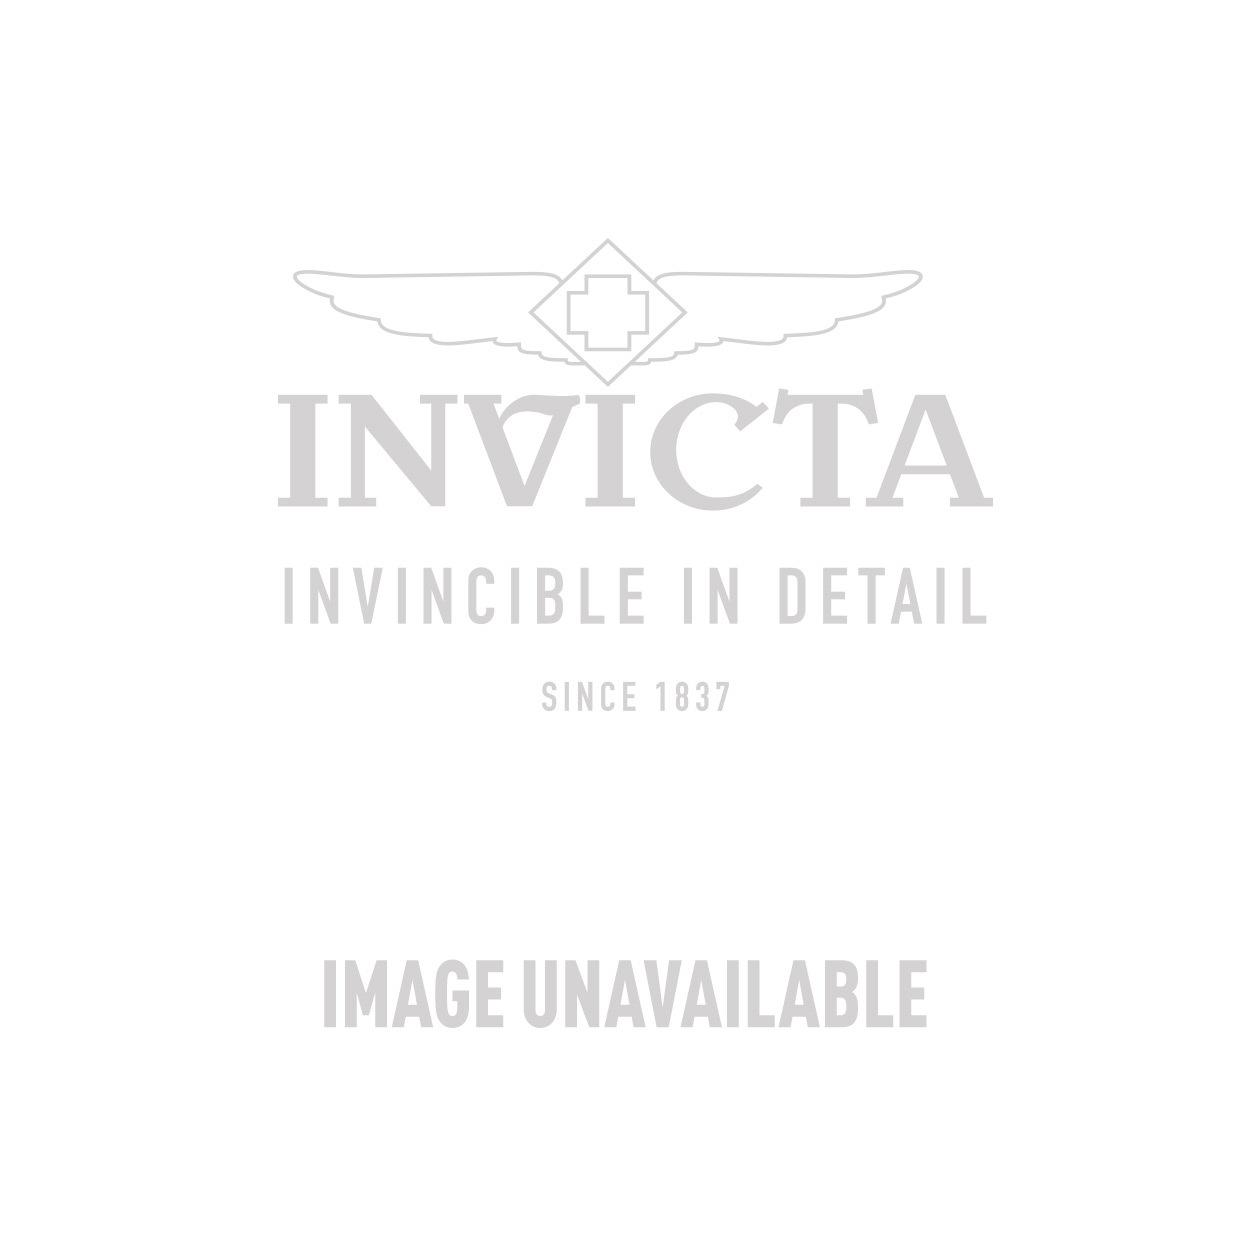 Invicta Model 25078